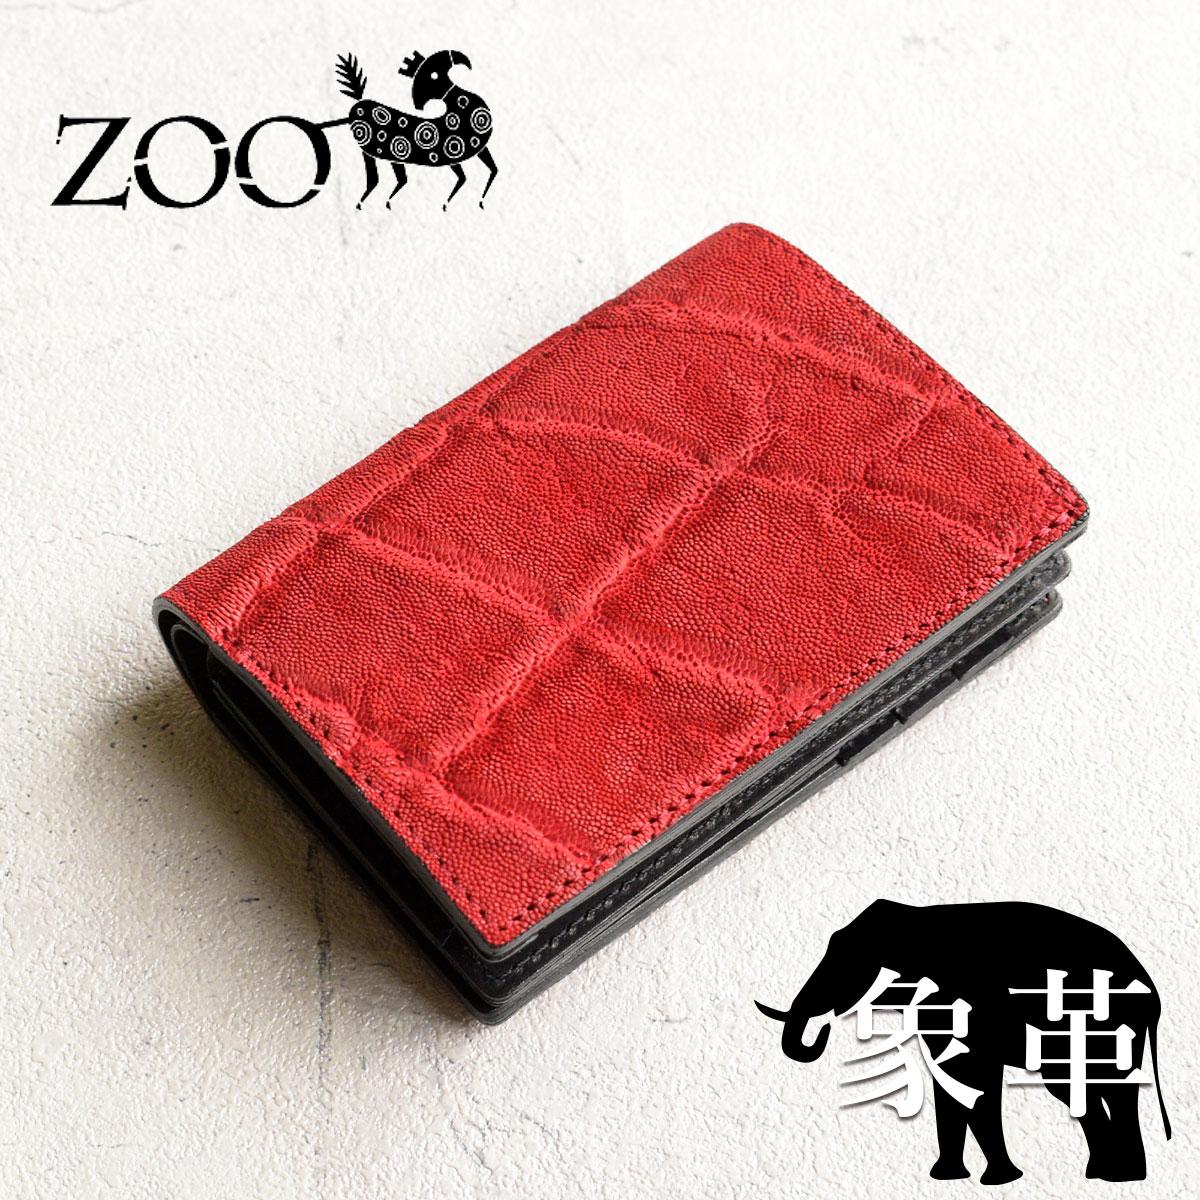 【メッセージカード・ラッピング無料】ZOO(ズー) エレファントレザー 象革 メンズ 二つ折り財布 ミドルウォレット zmw-017 レッド